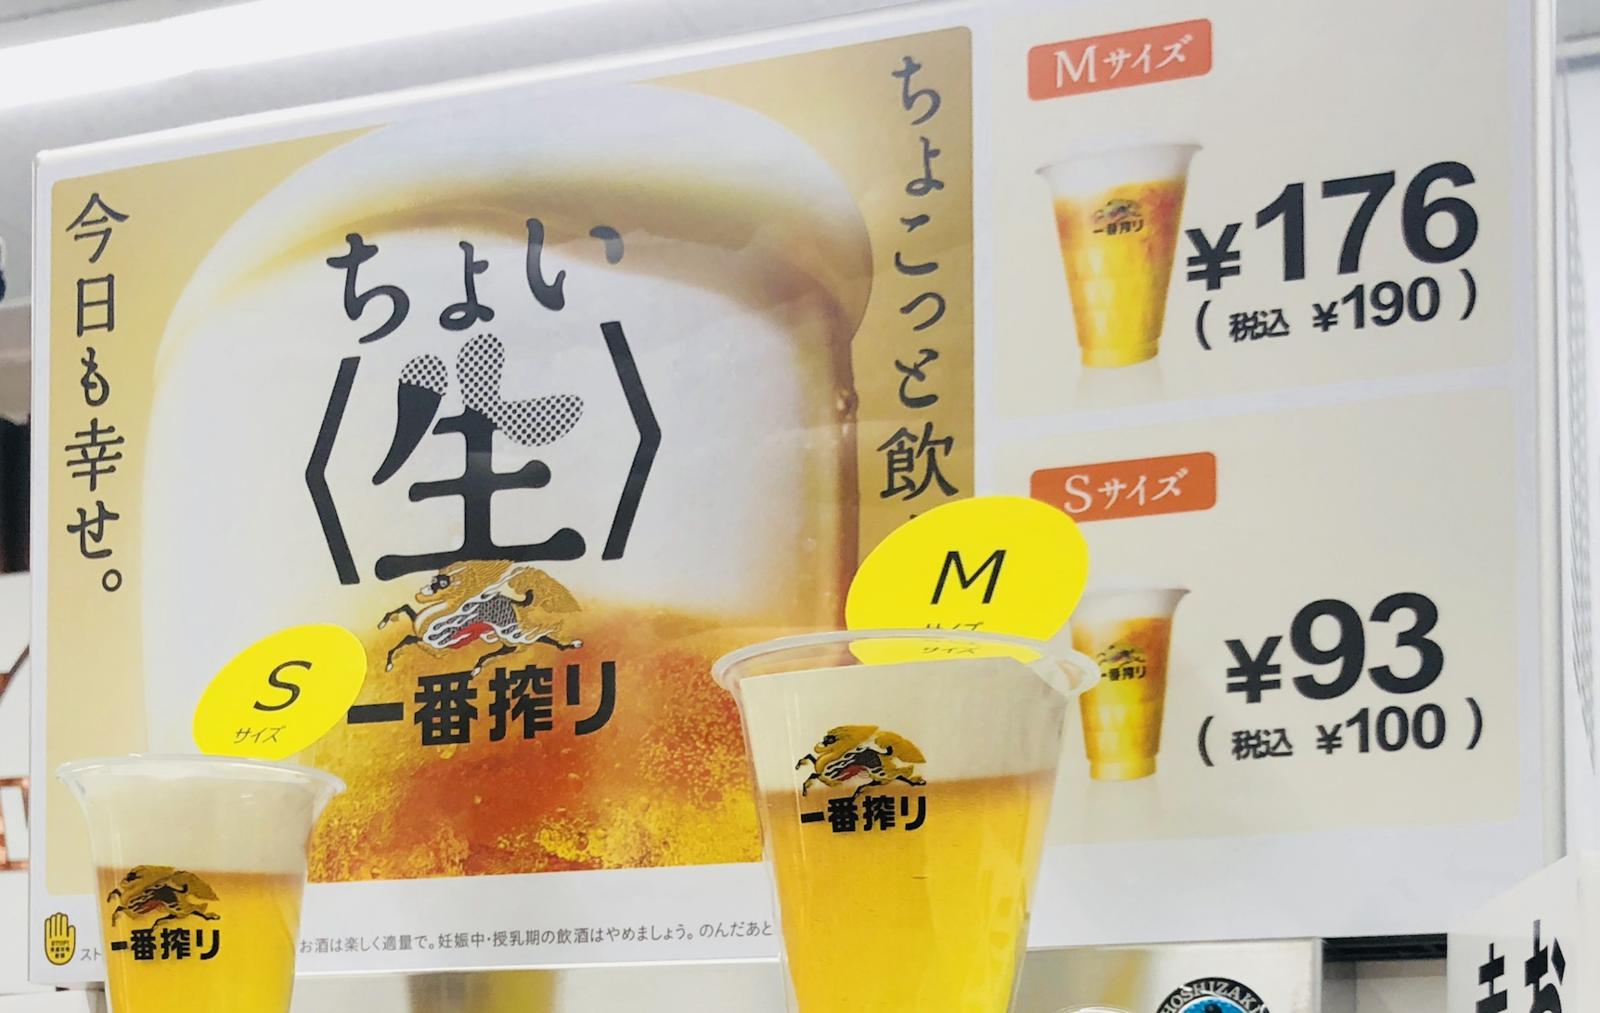 セブン、店頭にビアサーバー設置。生ビールを1杯93円で発売へ